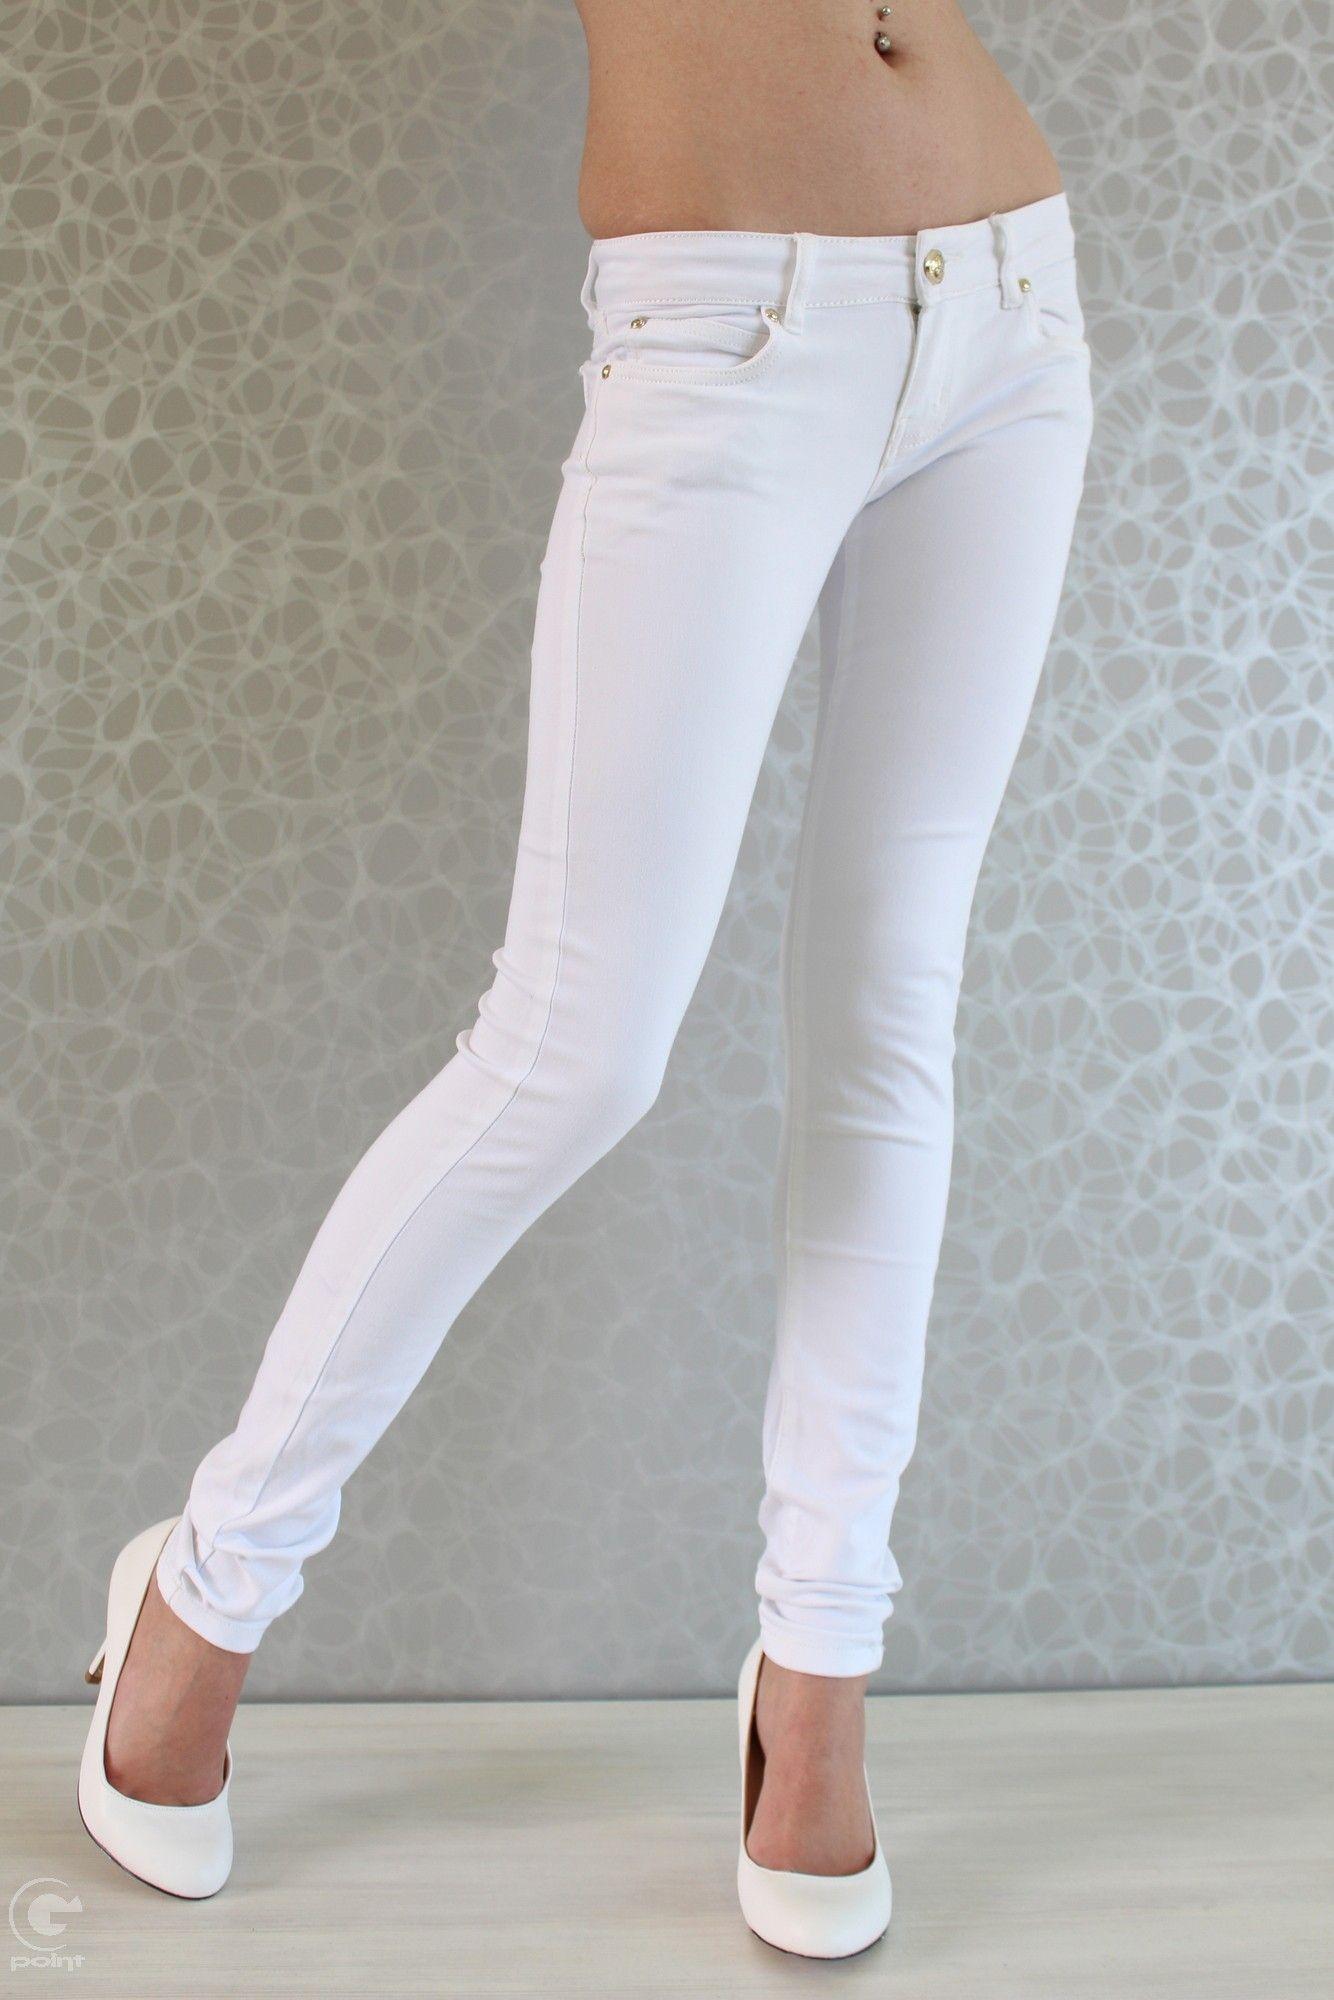 7c00089fe48 Страхотен дамски панталон - тип дънки, подходящ за топлите летни дни.  Изработен е от